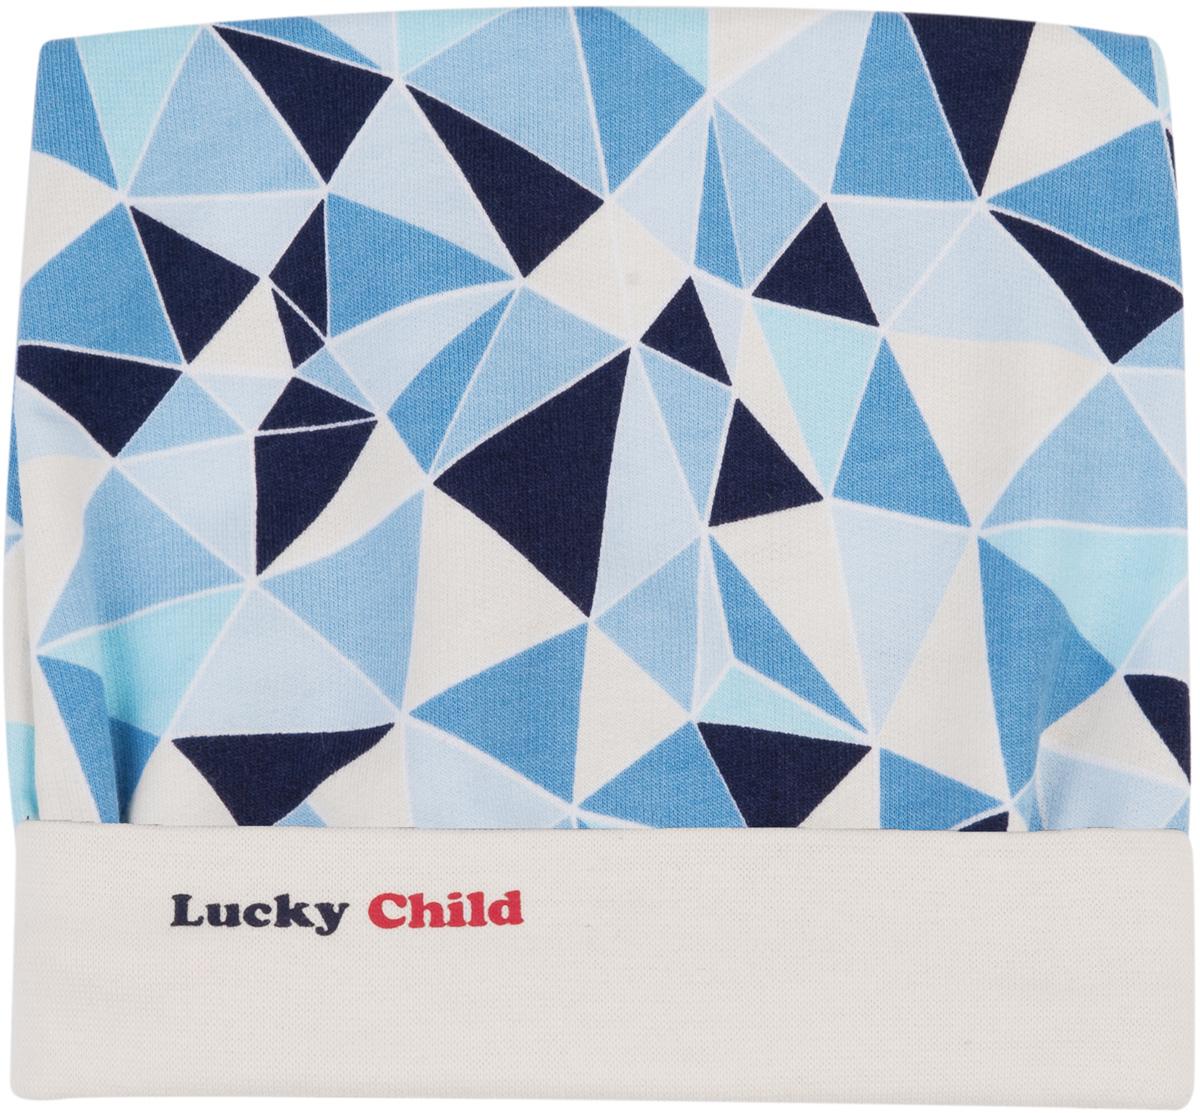 Шапочка для мальчика Lucky Child, цвет: голубой, синий. 32-9ф. Размер 4532-9фШапочка выполнена из футера высшего качества, благодаря этому она будет держать форму и не выцветать. Резиночки этой модели хорошо прилегают к личику малыша и обеспечивают защиту ушек от ветра и холода.